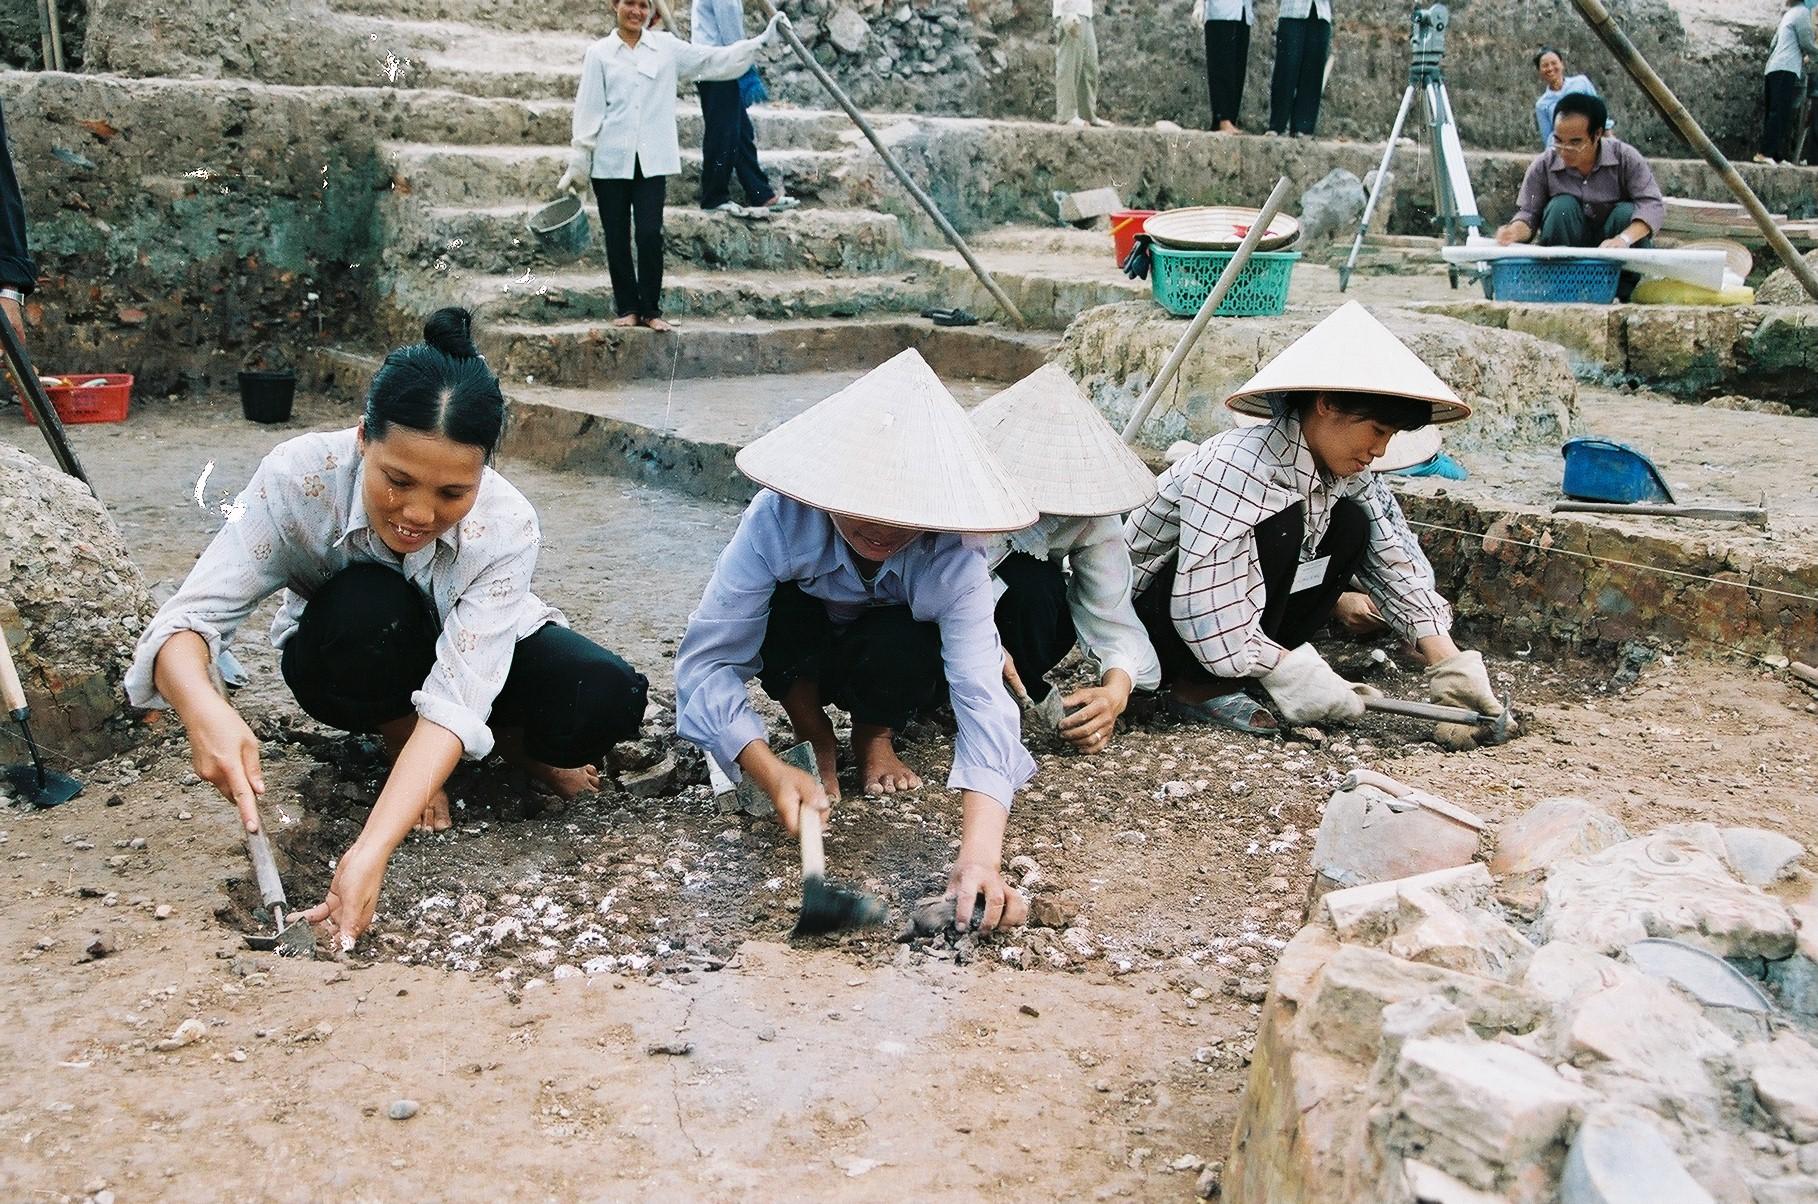 Hố khai quật được đào sâu ở giai đoạn đầu của cuộc khai quật. Trong ảnh là một khoảng sân được lát bằng vỏ sò (Khu B). Ảnh: Viện Khảo cổ học (2003).